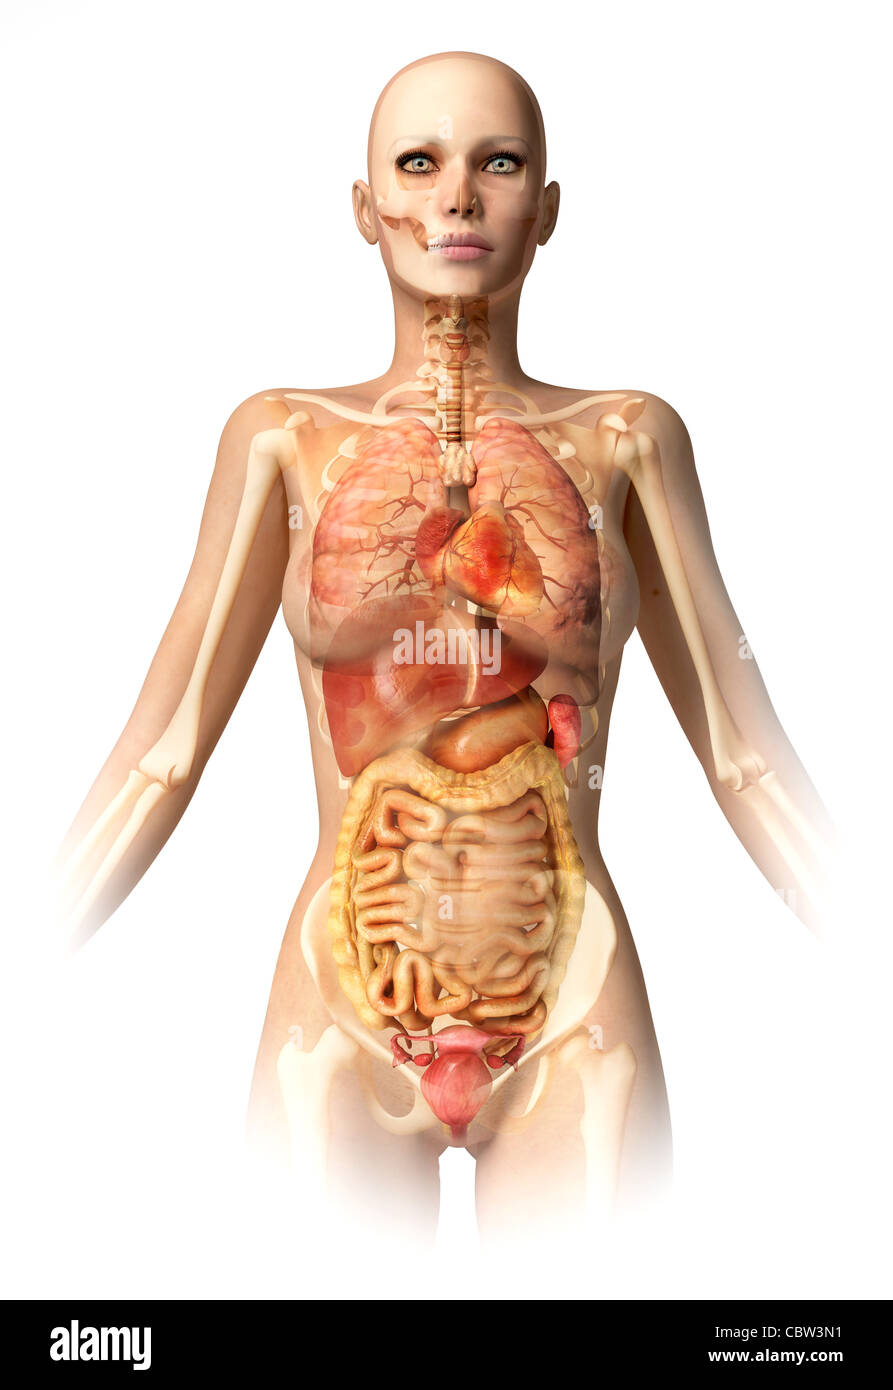 Körper der Frau, mit Knochen Skelett und alle inneren Organe überlagert. Mit Clipping-Pfad enthalten. Anatomie-Bild. Stockfoto